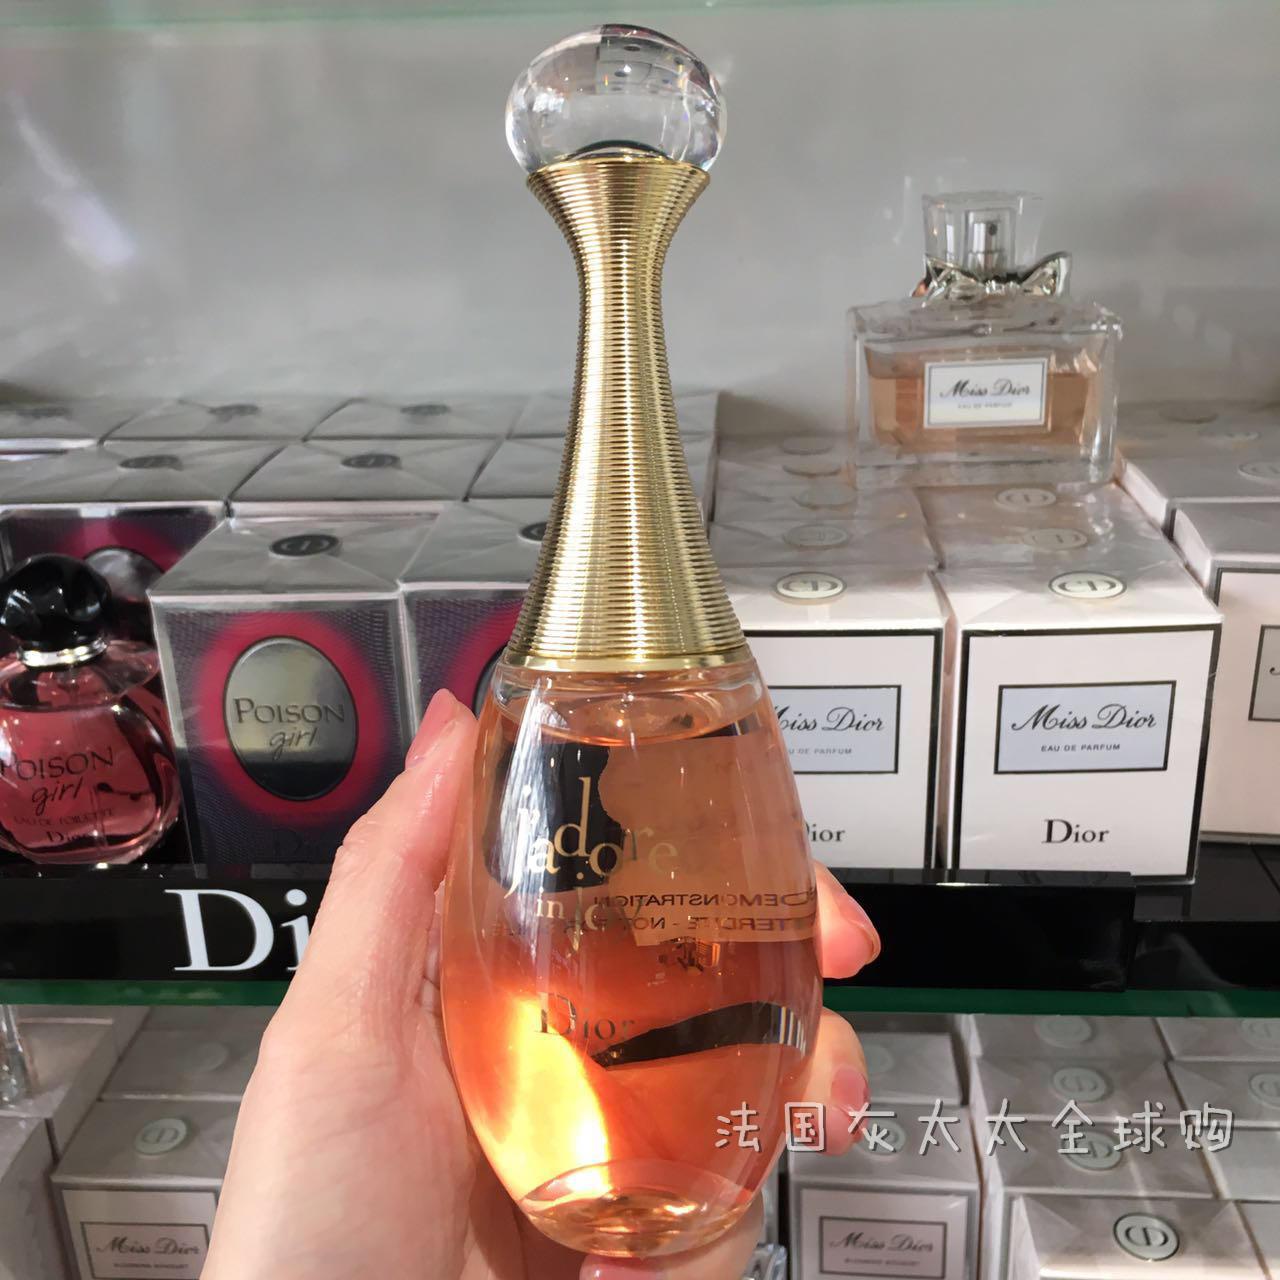 法国直邮迪奥真我女士心悦淡香水详细照片